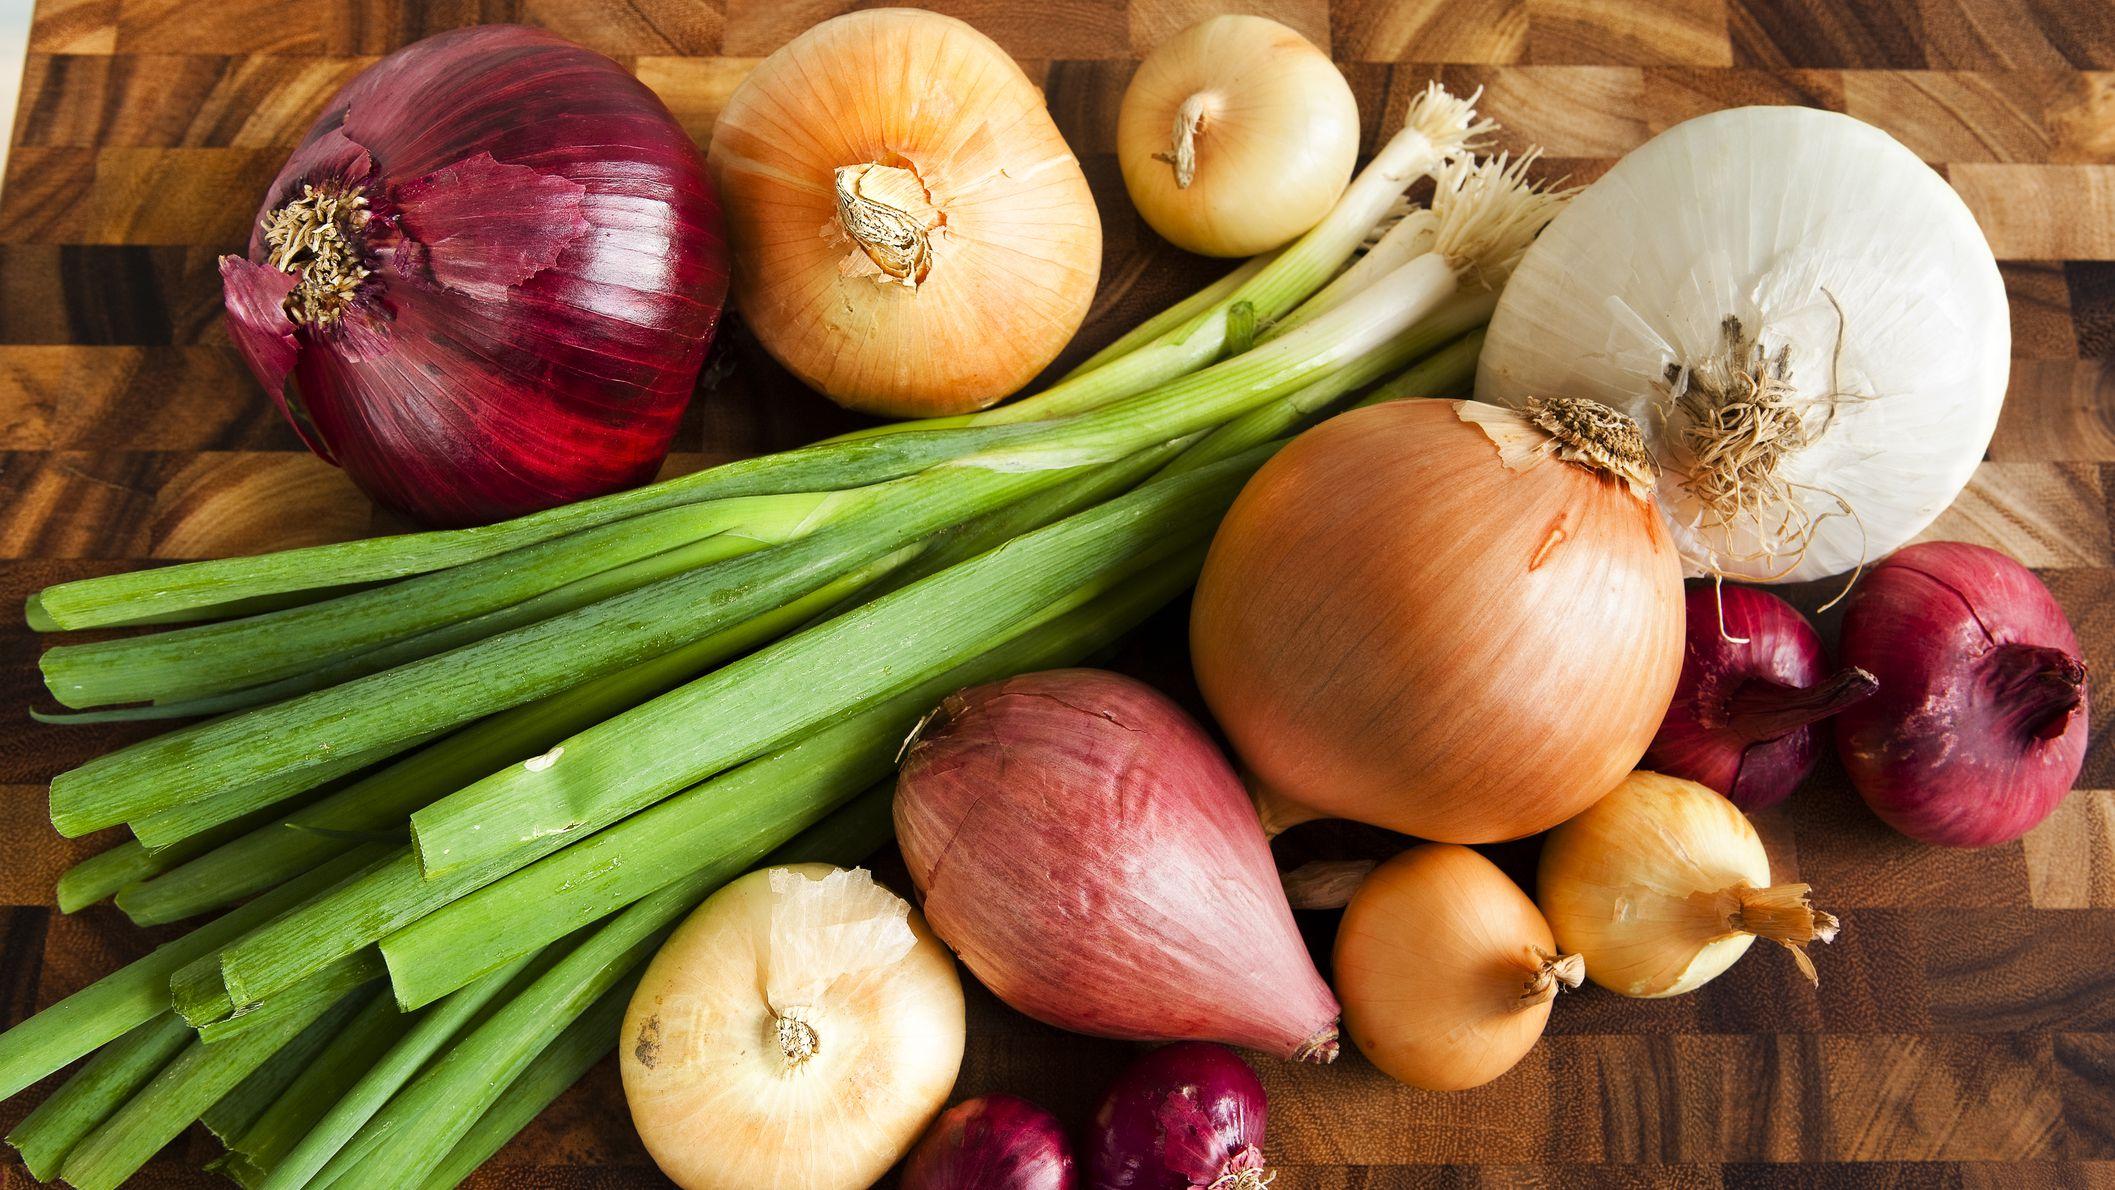 Κρεμμύδι Ιδιότητες: Περιέχουν φυτικές ενώσεις που προάγουν την υγεία